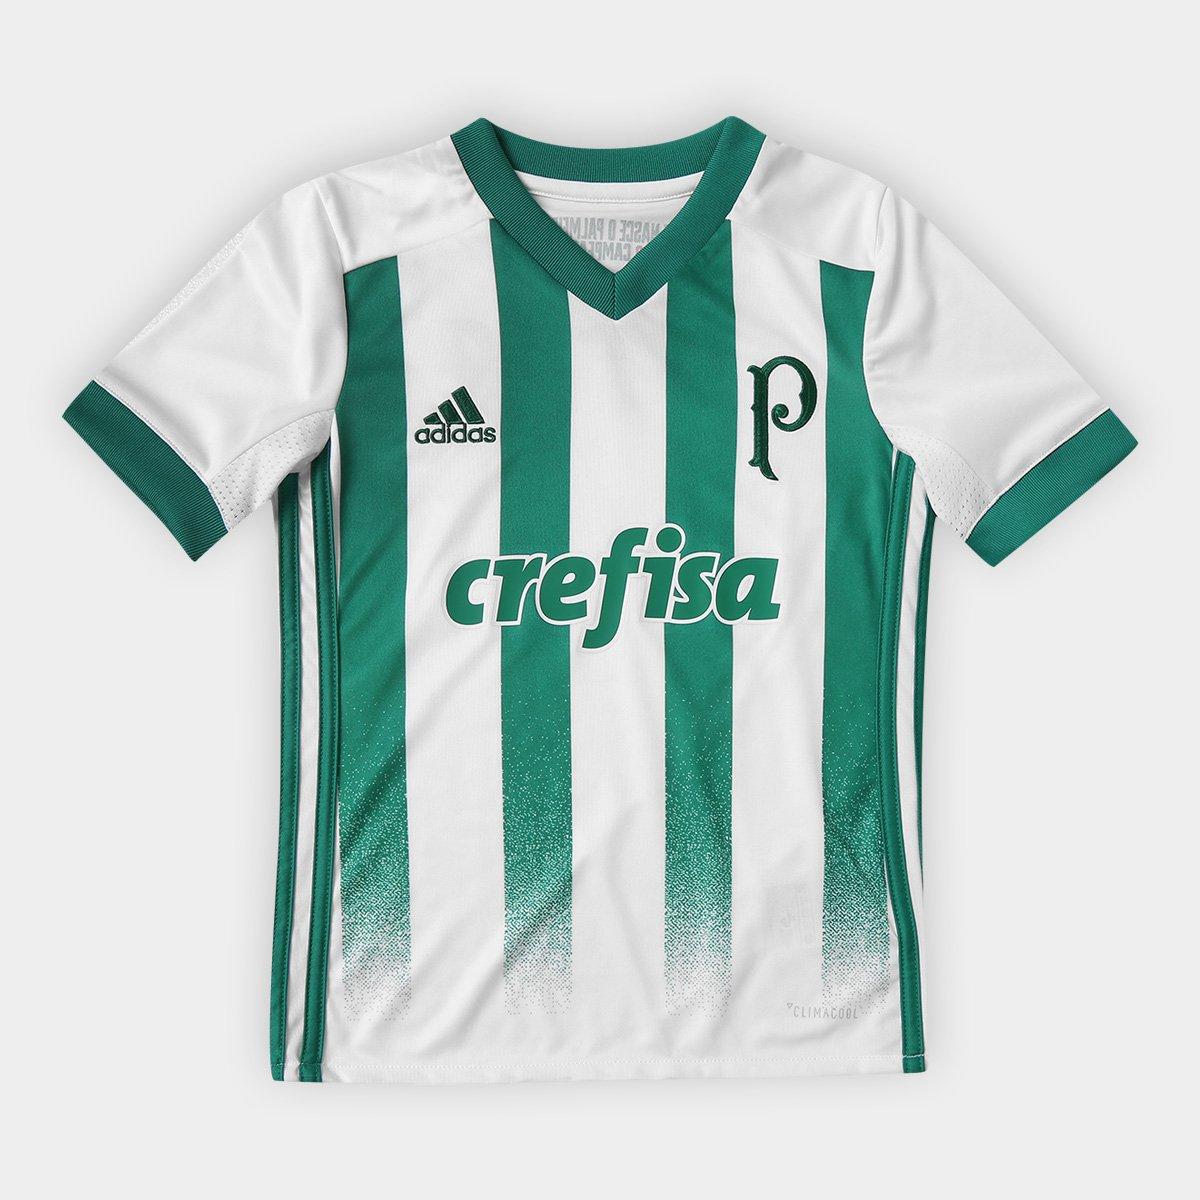 5725892359c1d Camisa Palmeiras Infantil II 17 18 Torcedor Adidas